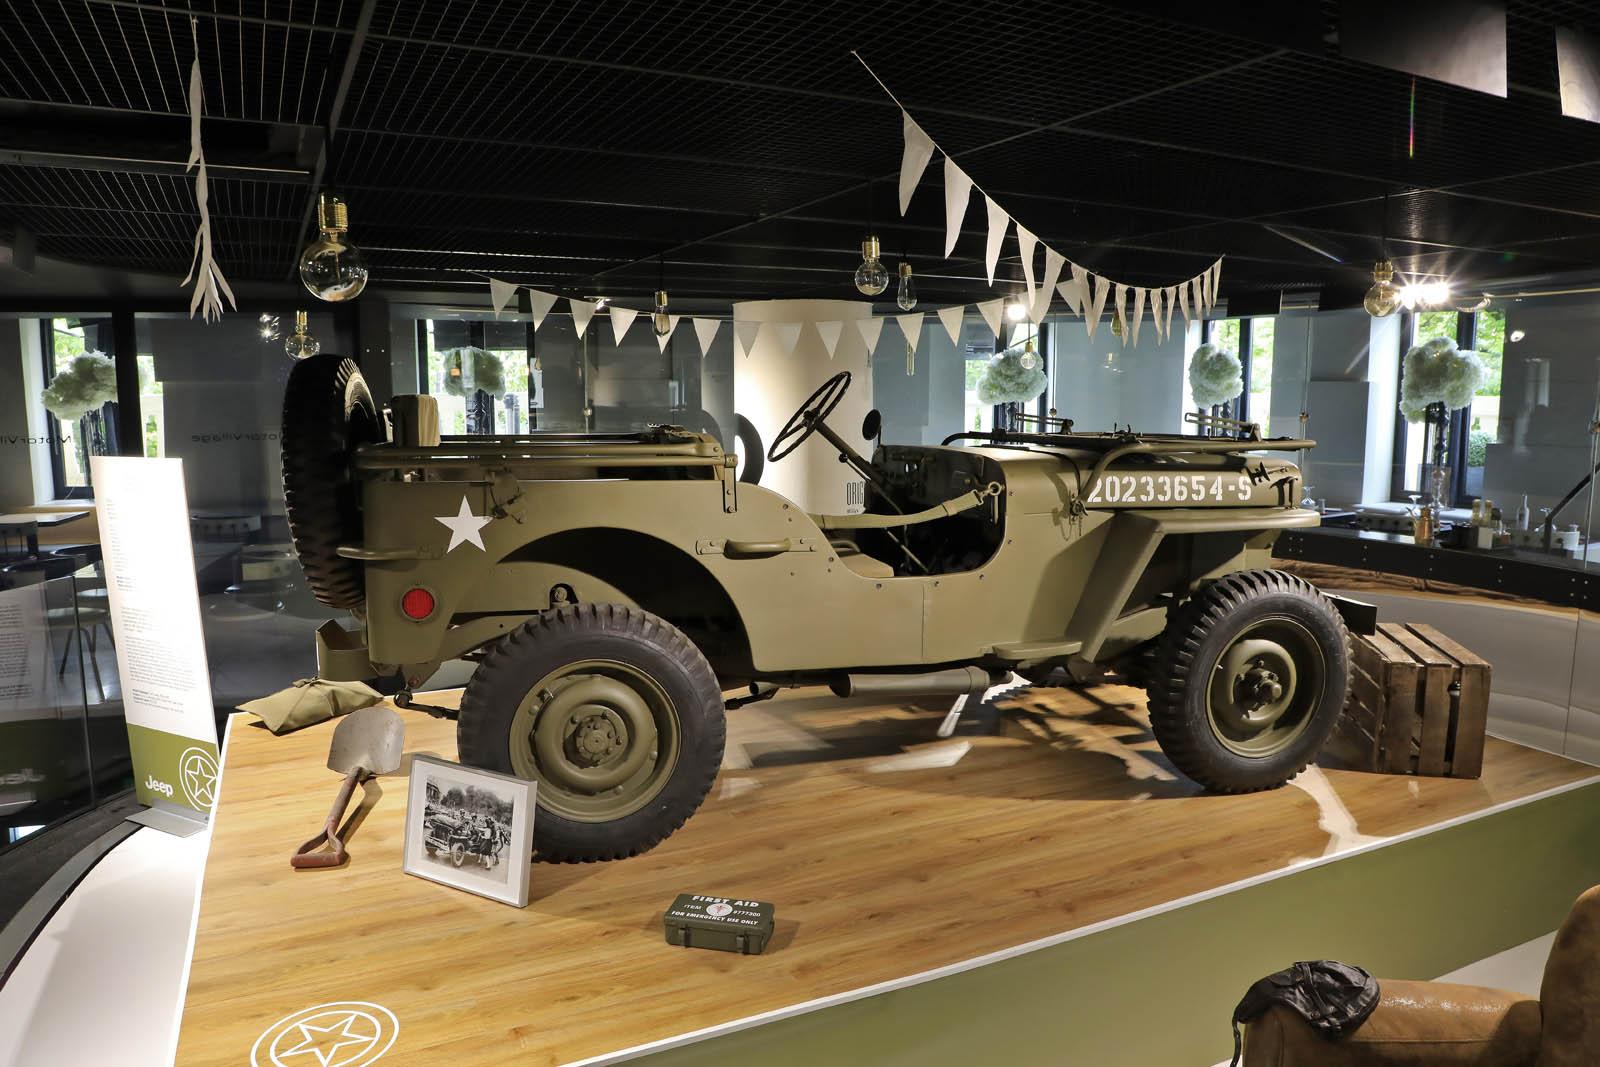 Drivers Village Jeep >> MotorVillage présente les nouveautés Jeep sur les Champs